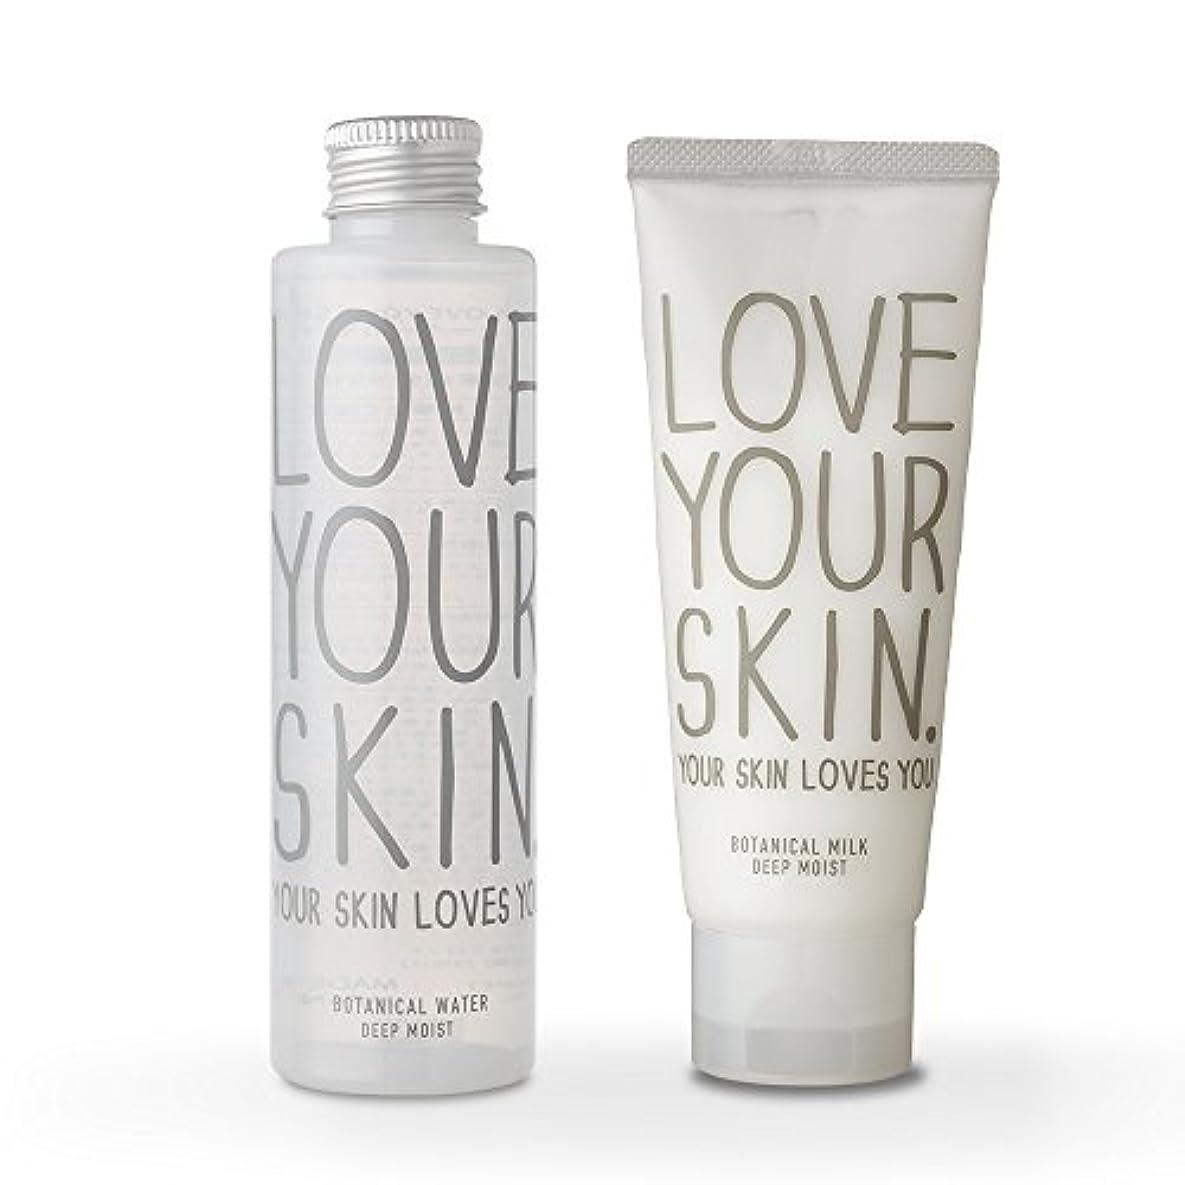 不規則性今金属【セット】LOVE YOUR SKIN ボタニカルウォーター Ⅱ (化粧水) 160ml & ボタニカルミルク Ⅱ (乳液) 100g